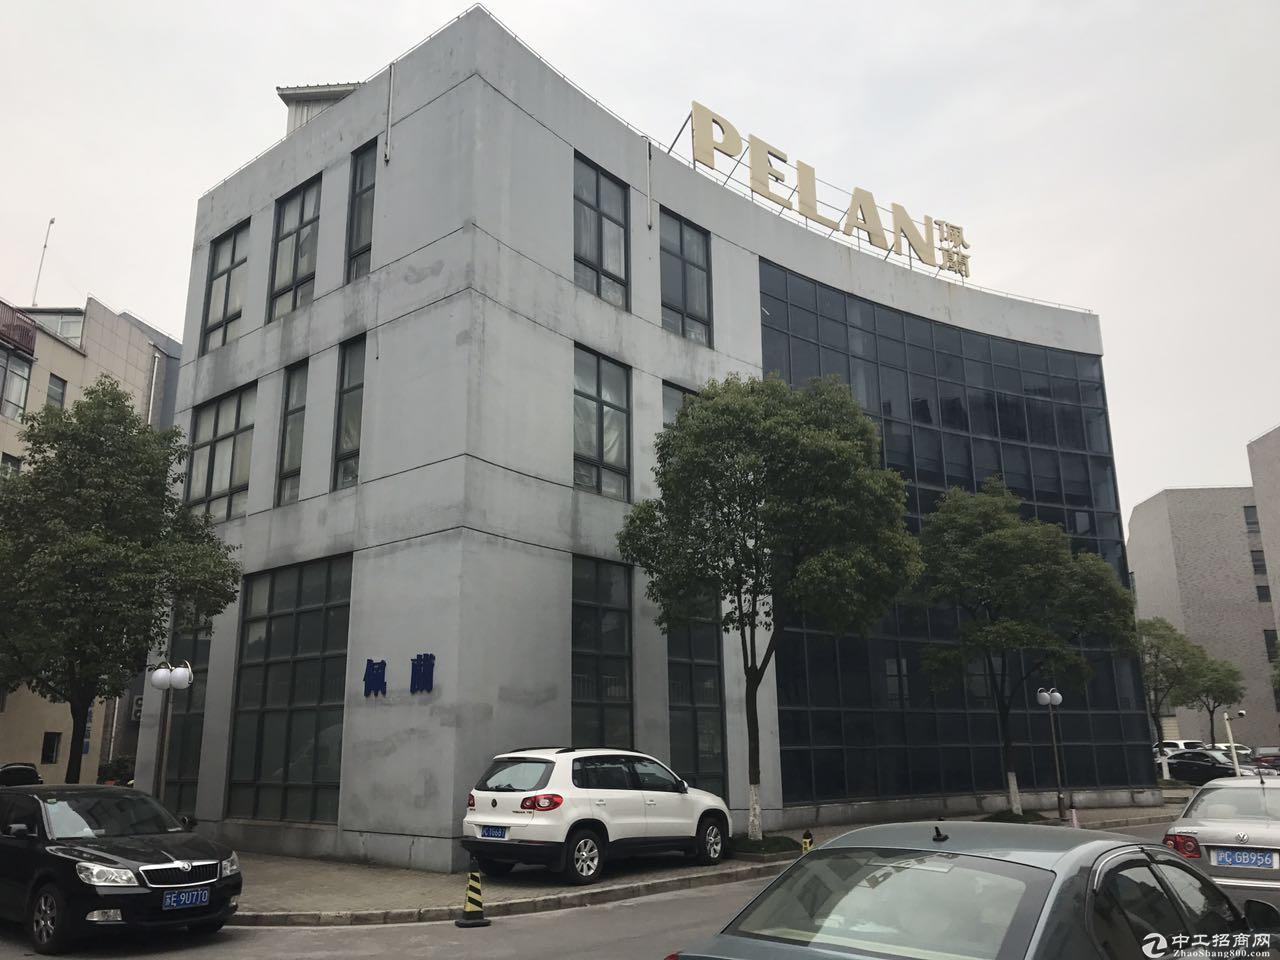 绿证 独栋三层办公研发厂房出售 距地铁站1公里